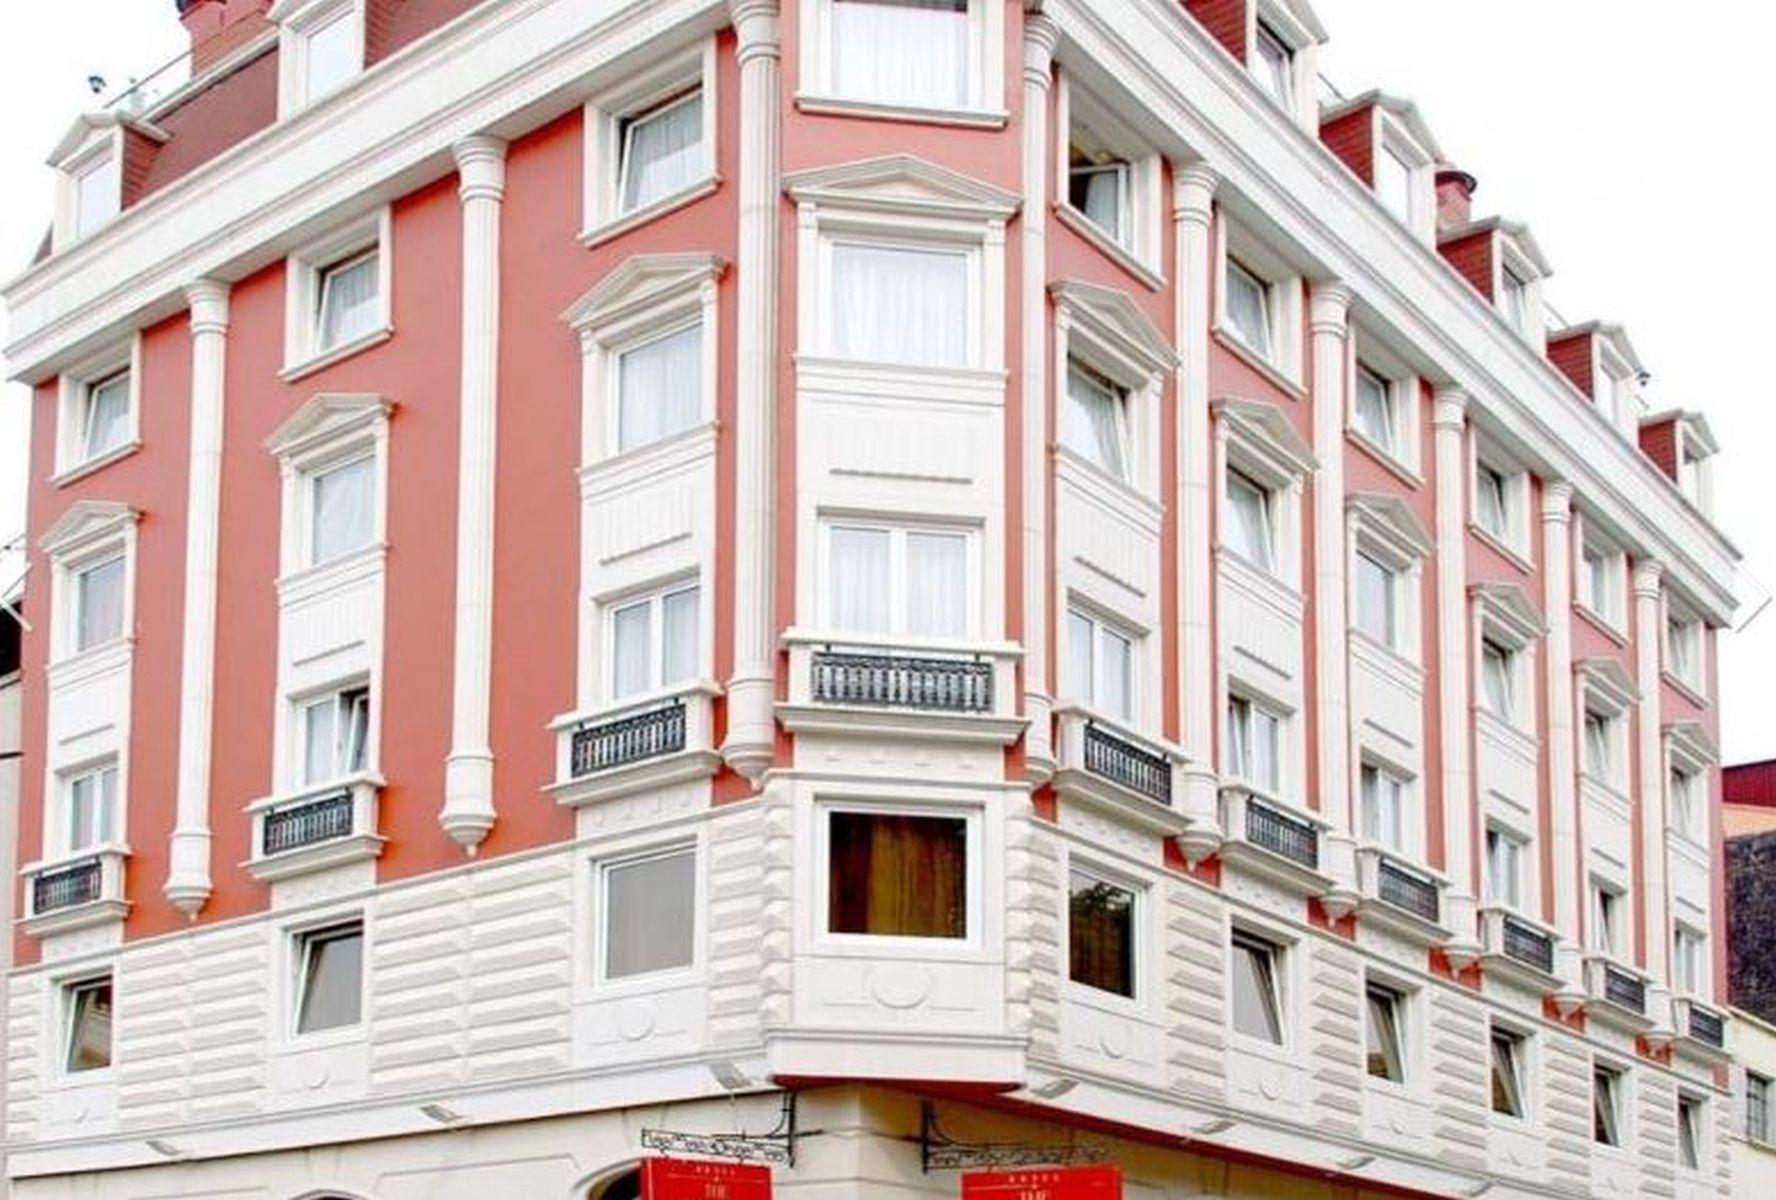 Gradska destinacija, grad, Istanbul, vikend u Istanbulu